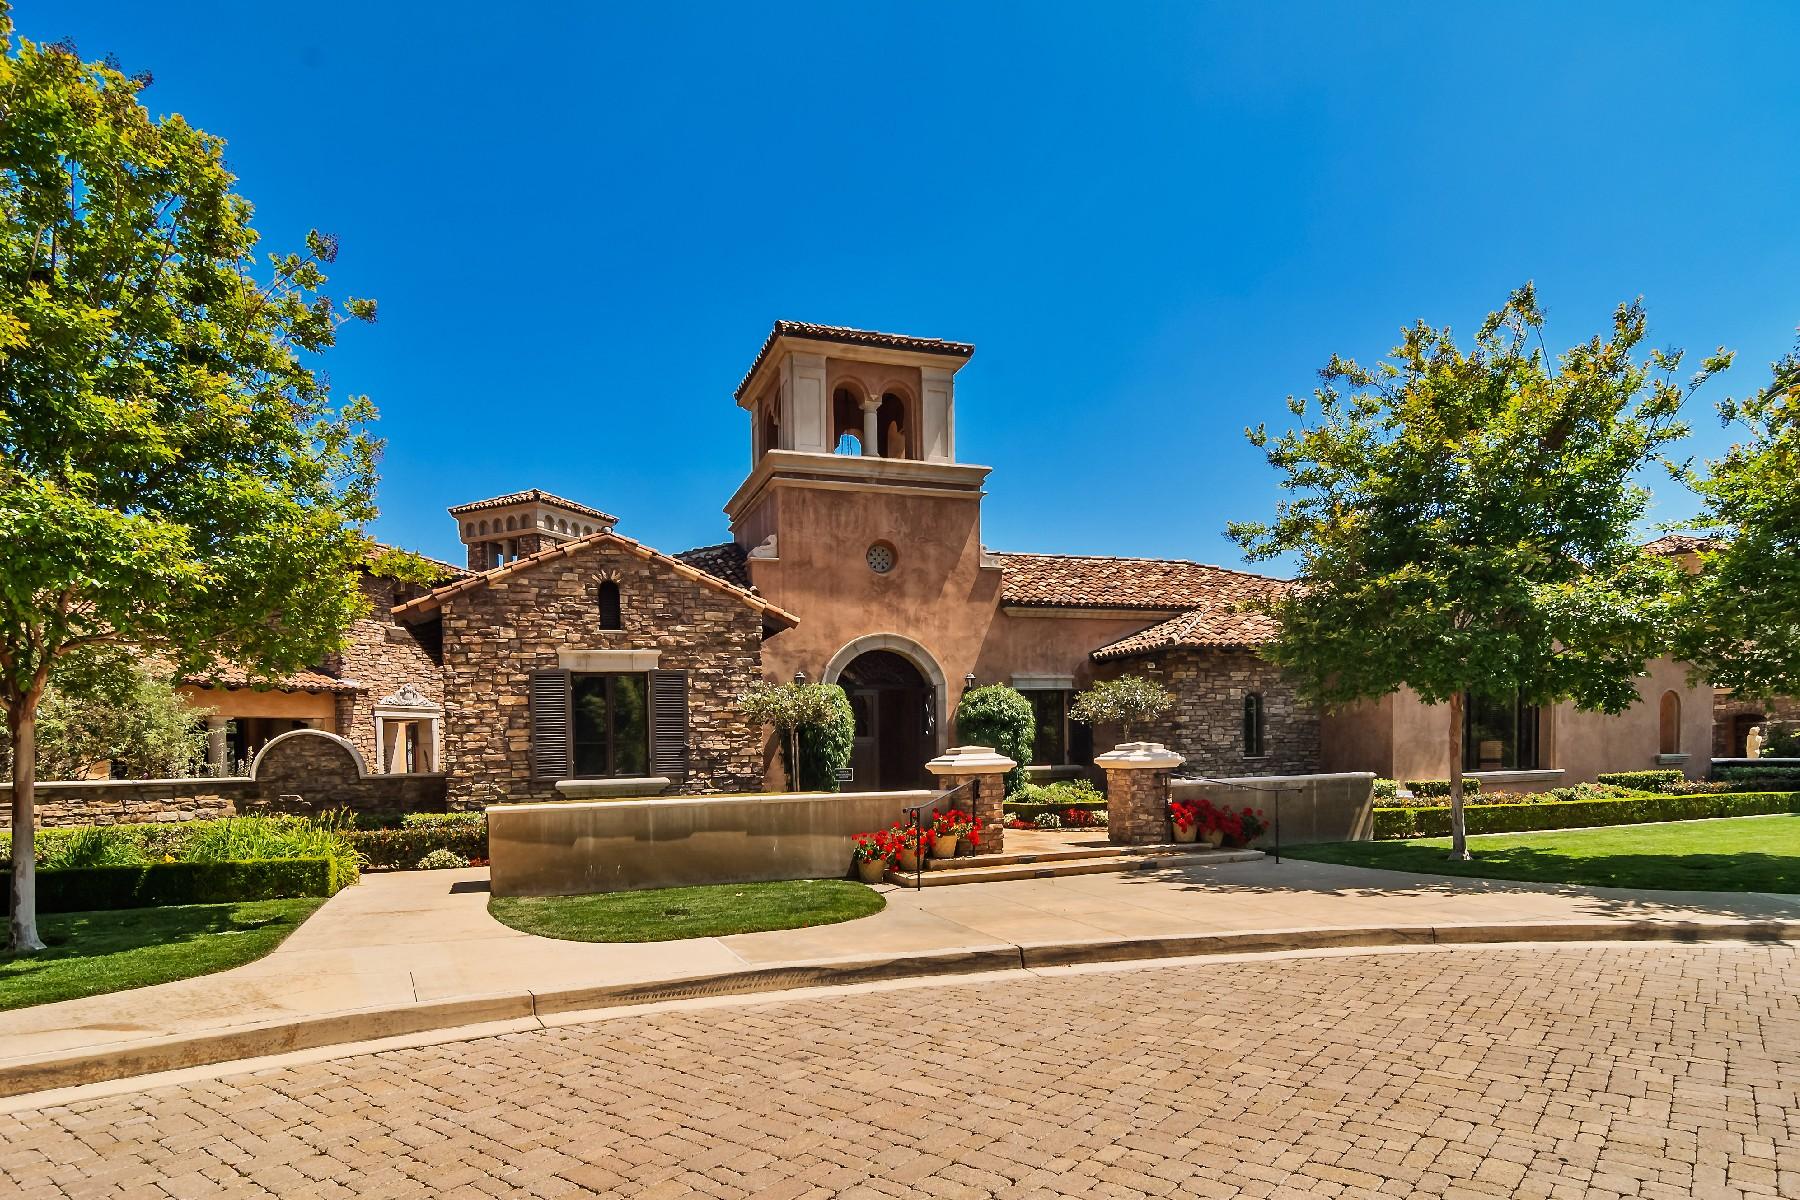 Additional photo for property listing at Camino De Arriba 000 Camino De Arriba 000 Rancho Santa Fe, California 92067 Estados Unidos